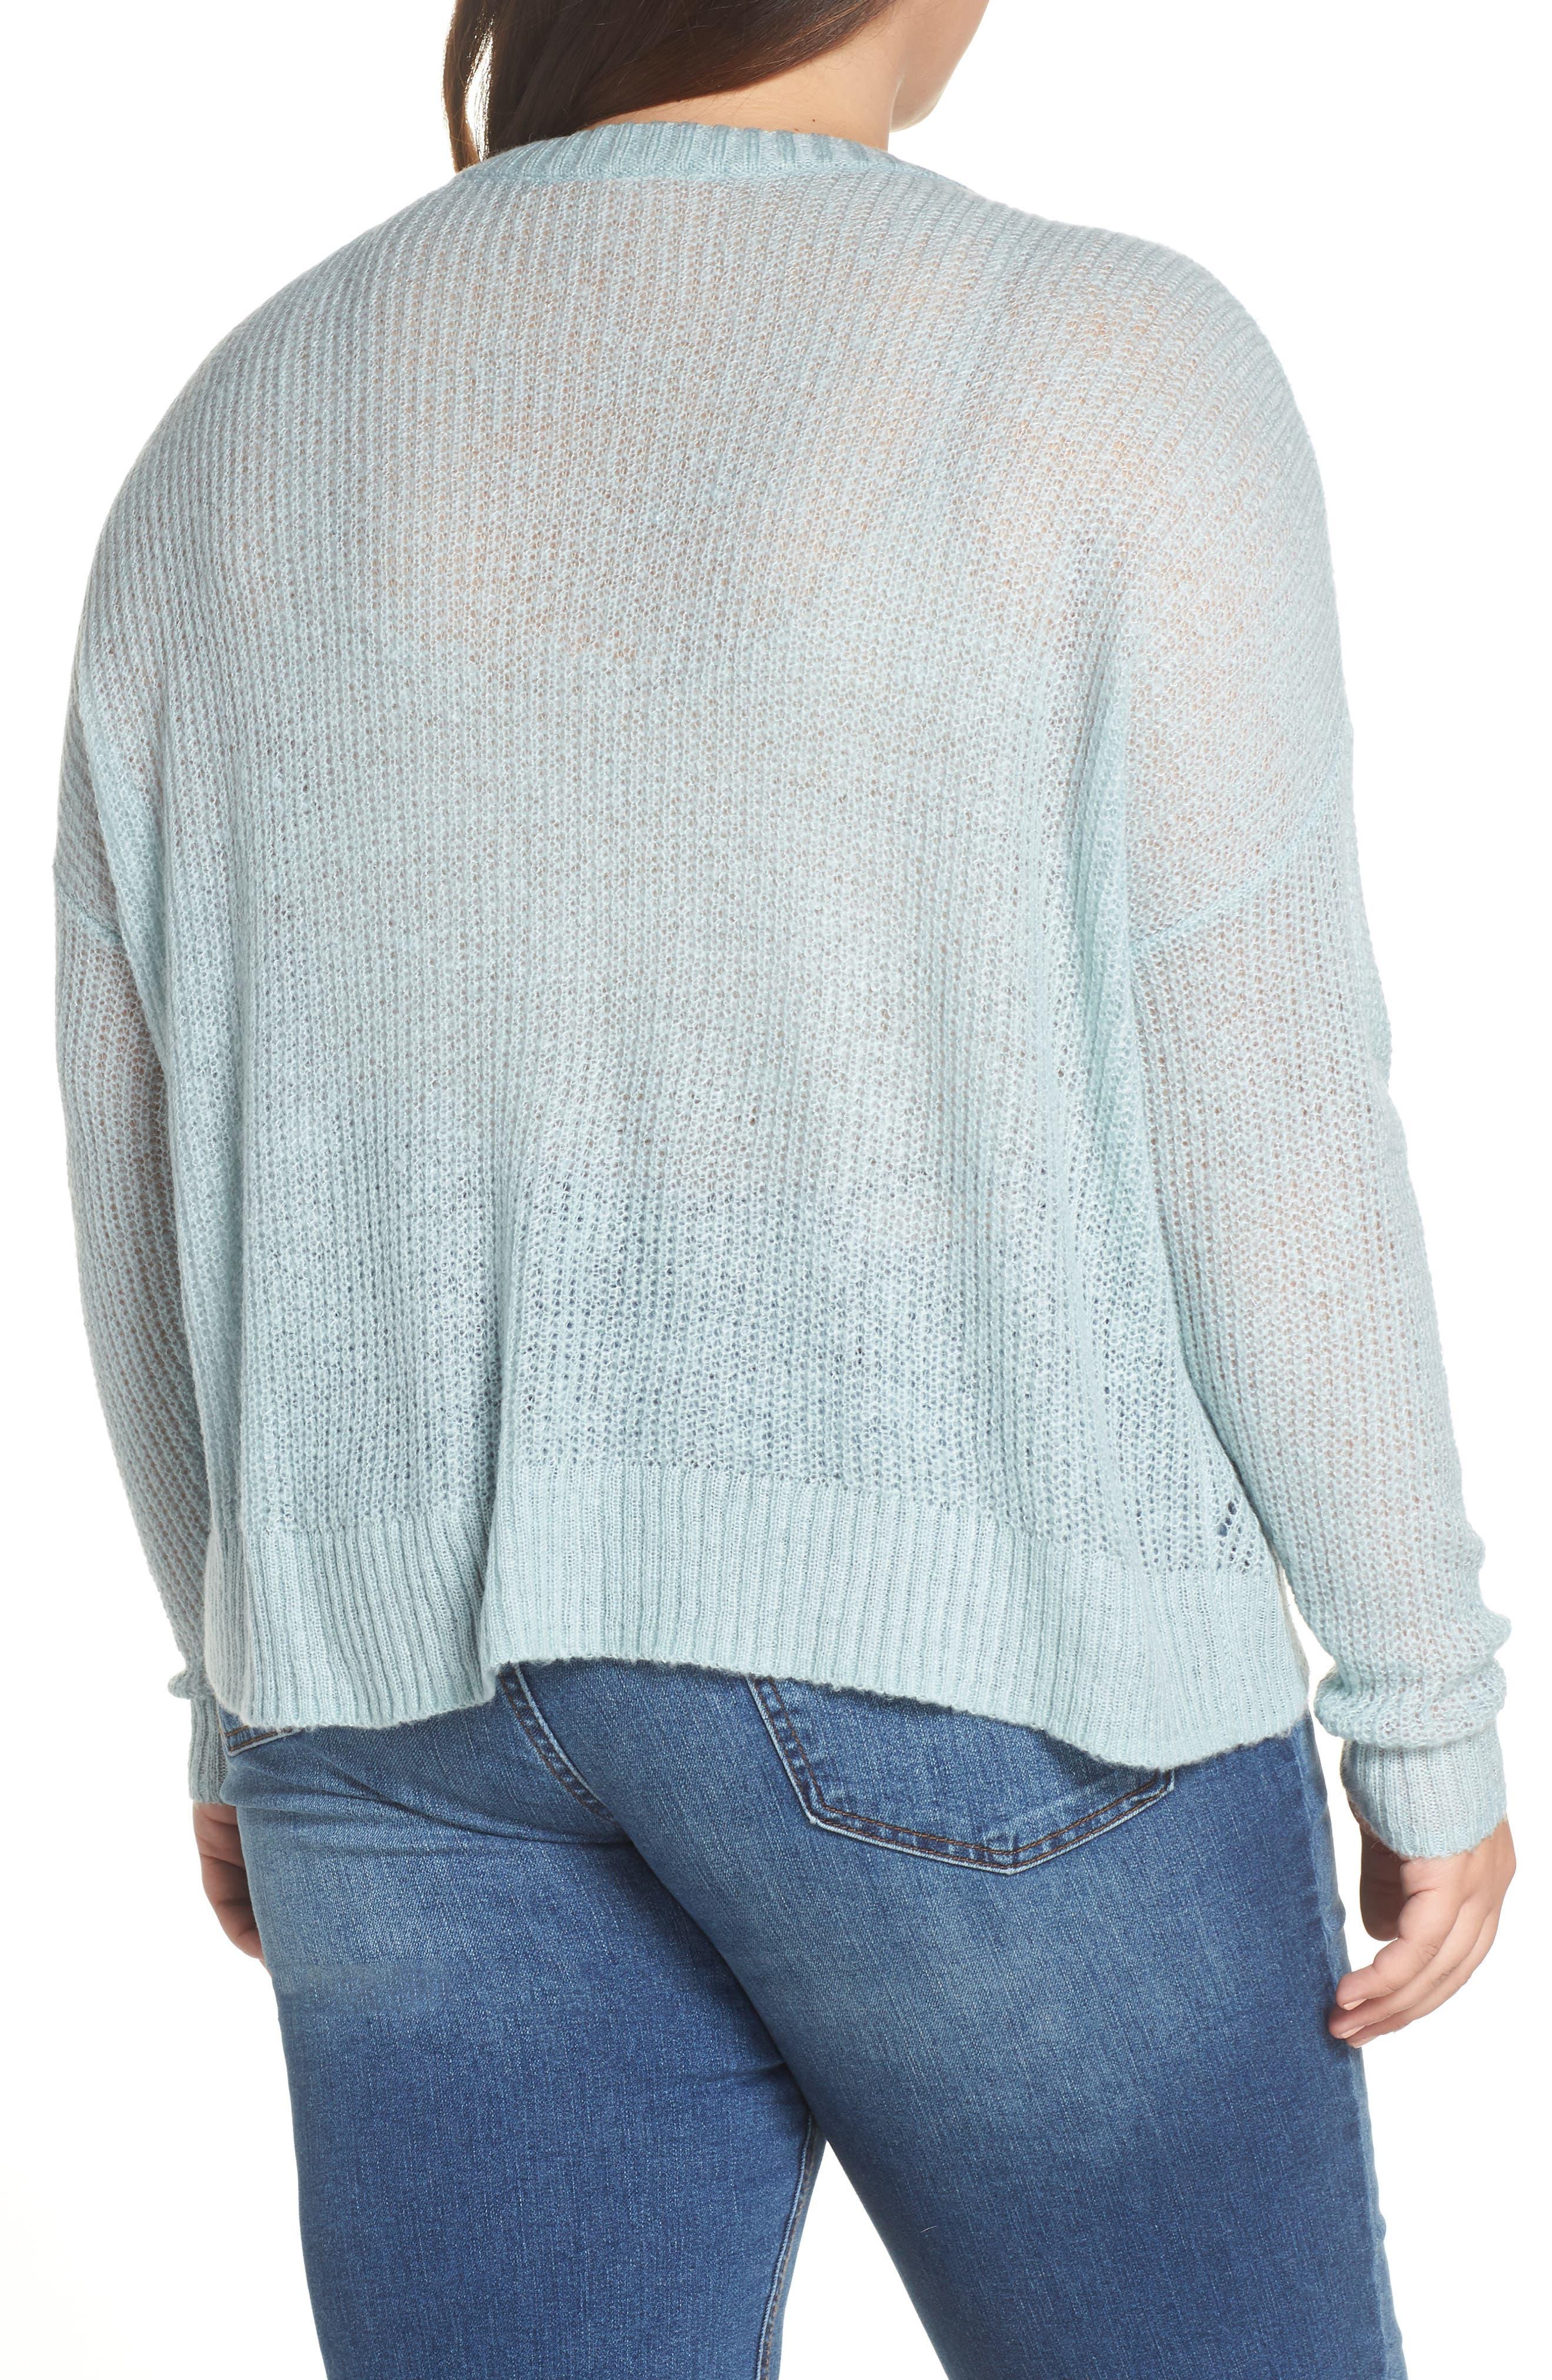 BP., Pointelle Stitch Sweater, Alternate thumbnail 8, color, BLUE CLOUD